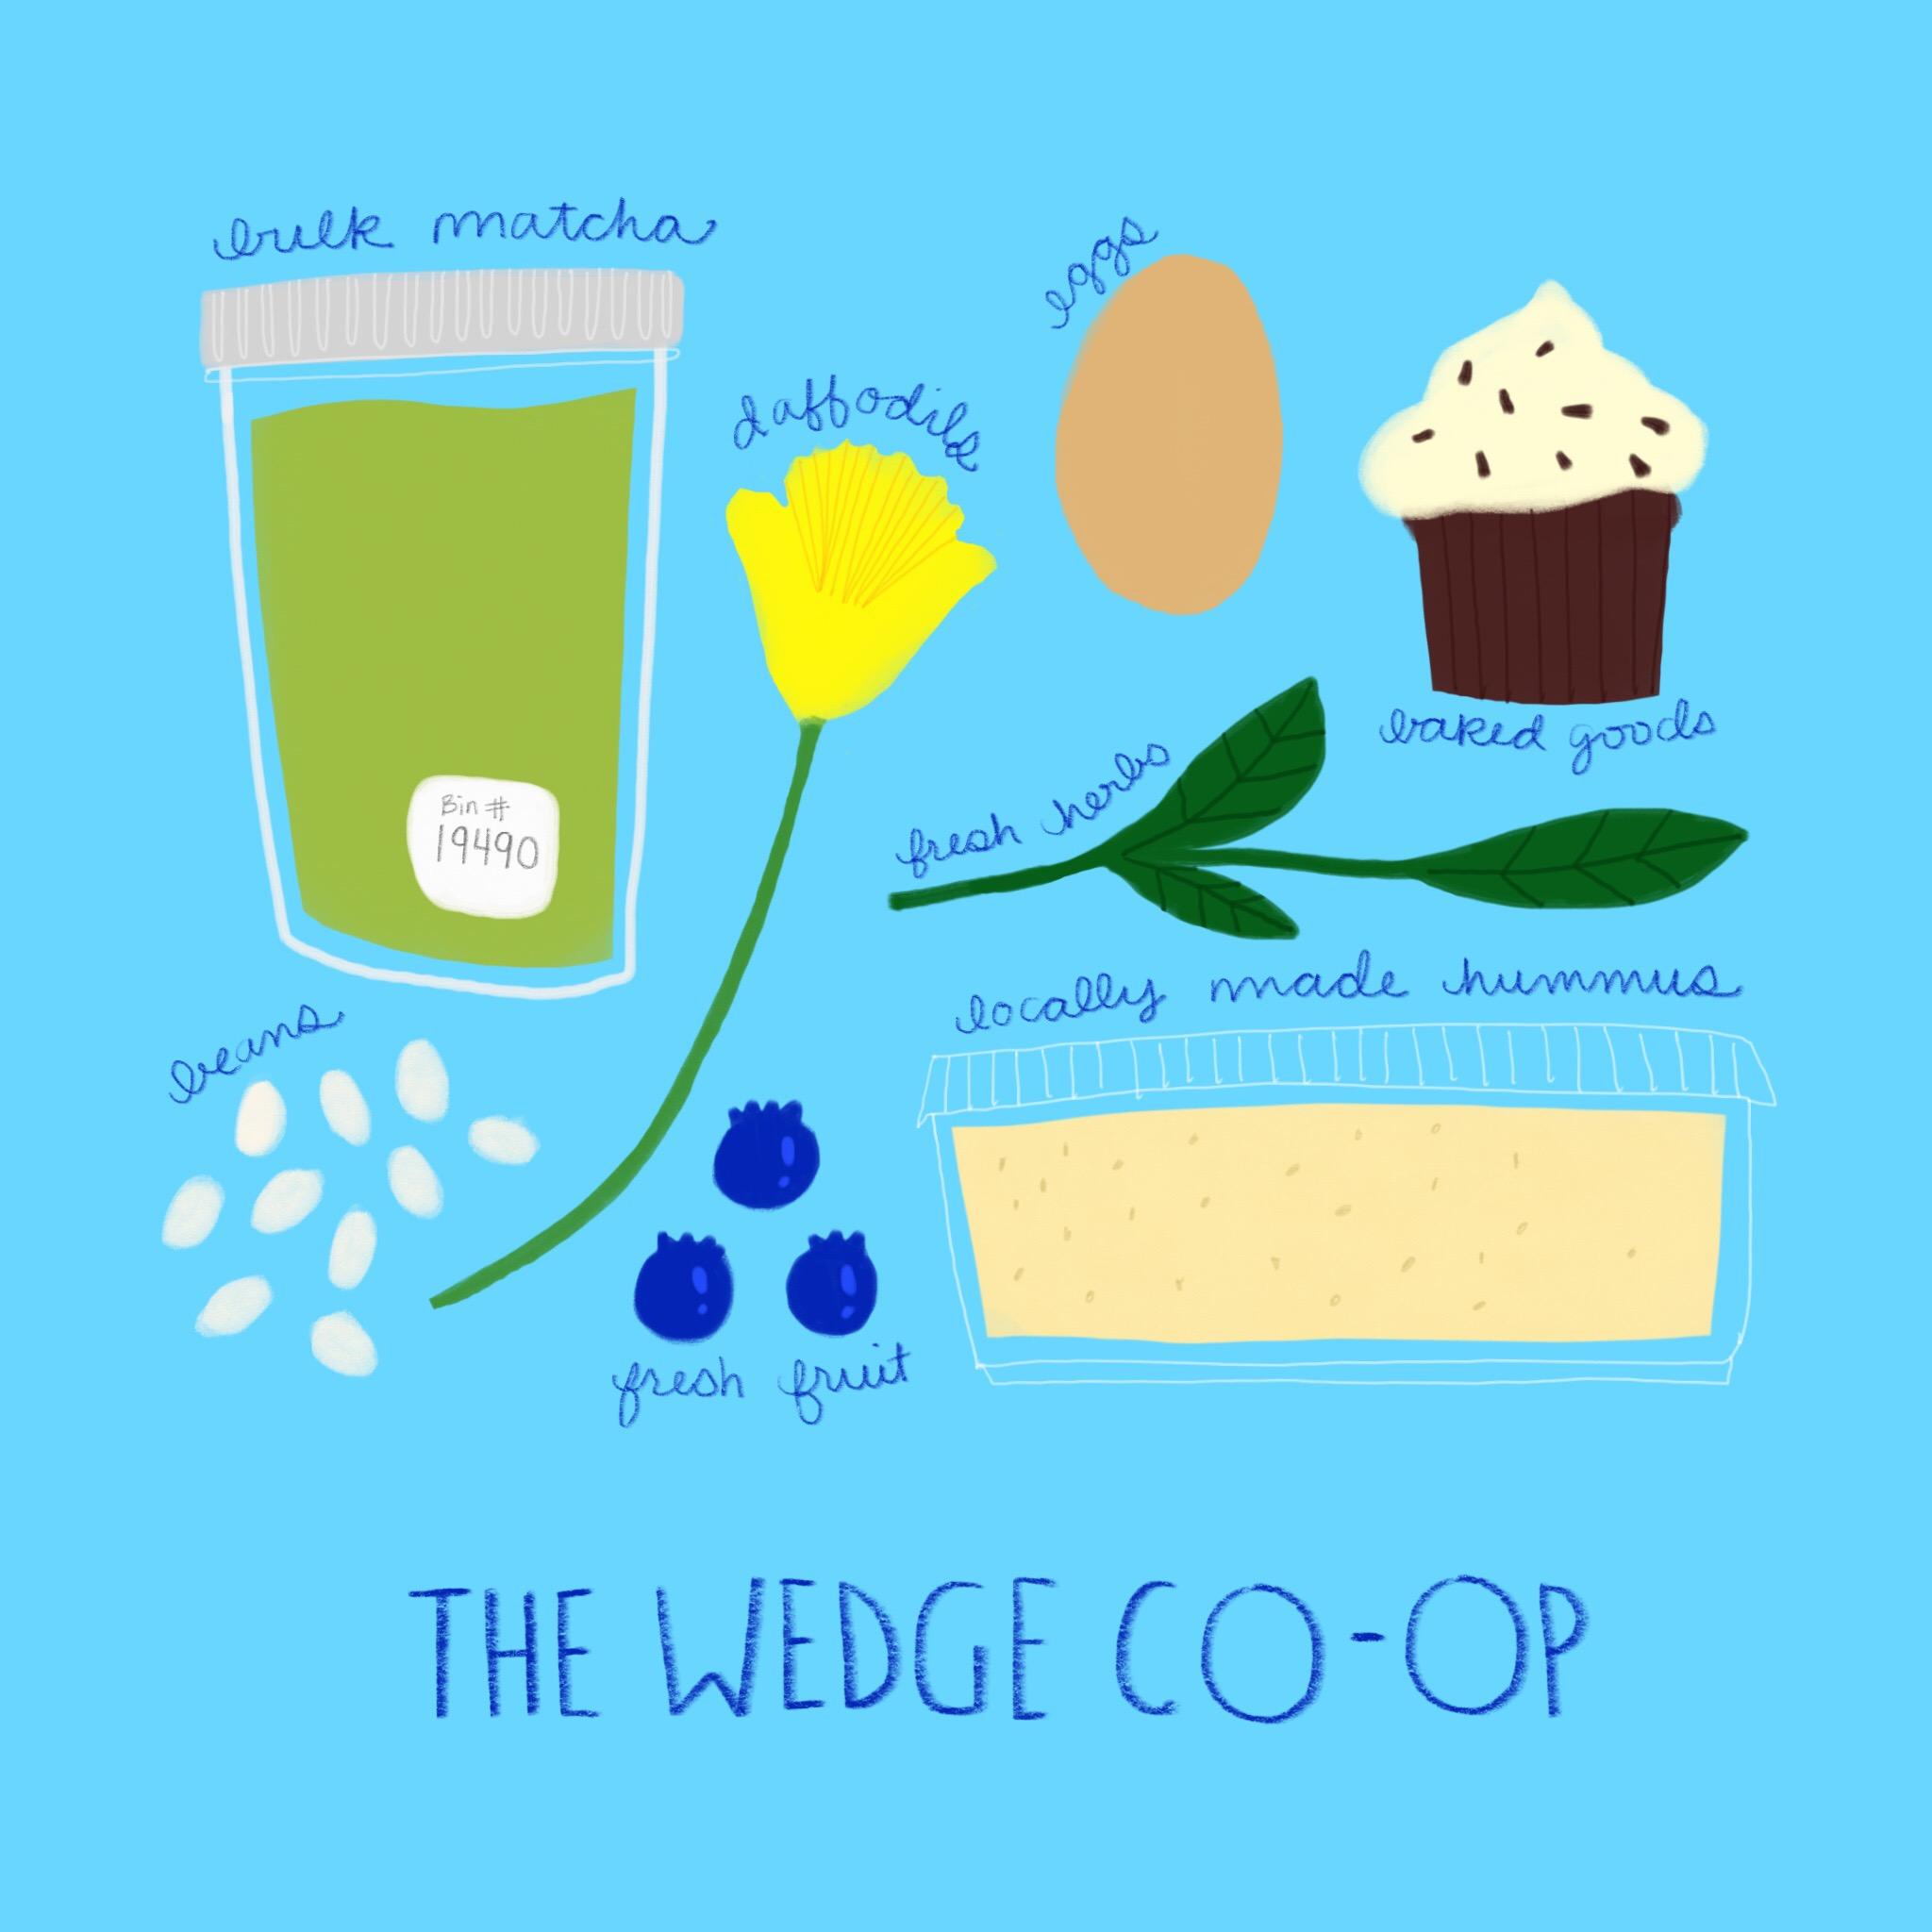 40_-_The_Wedge_Co-op.jpg